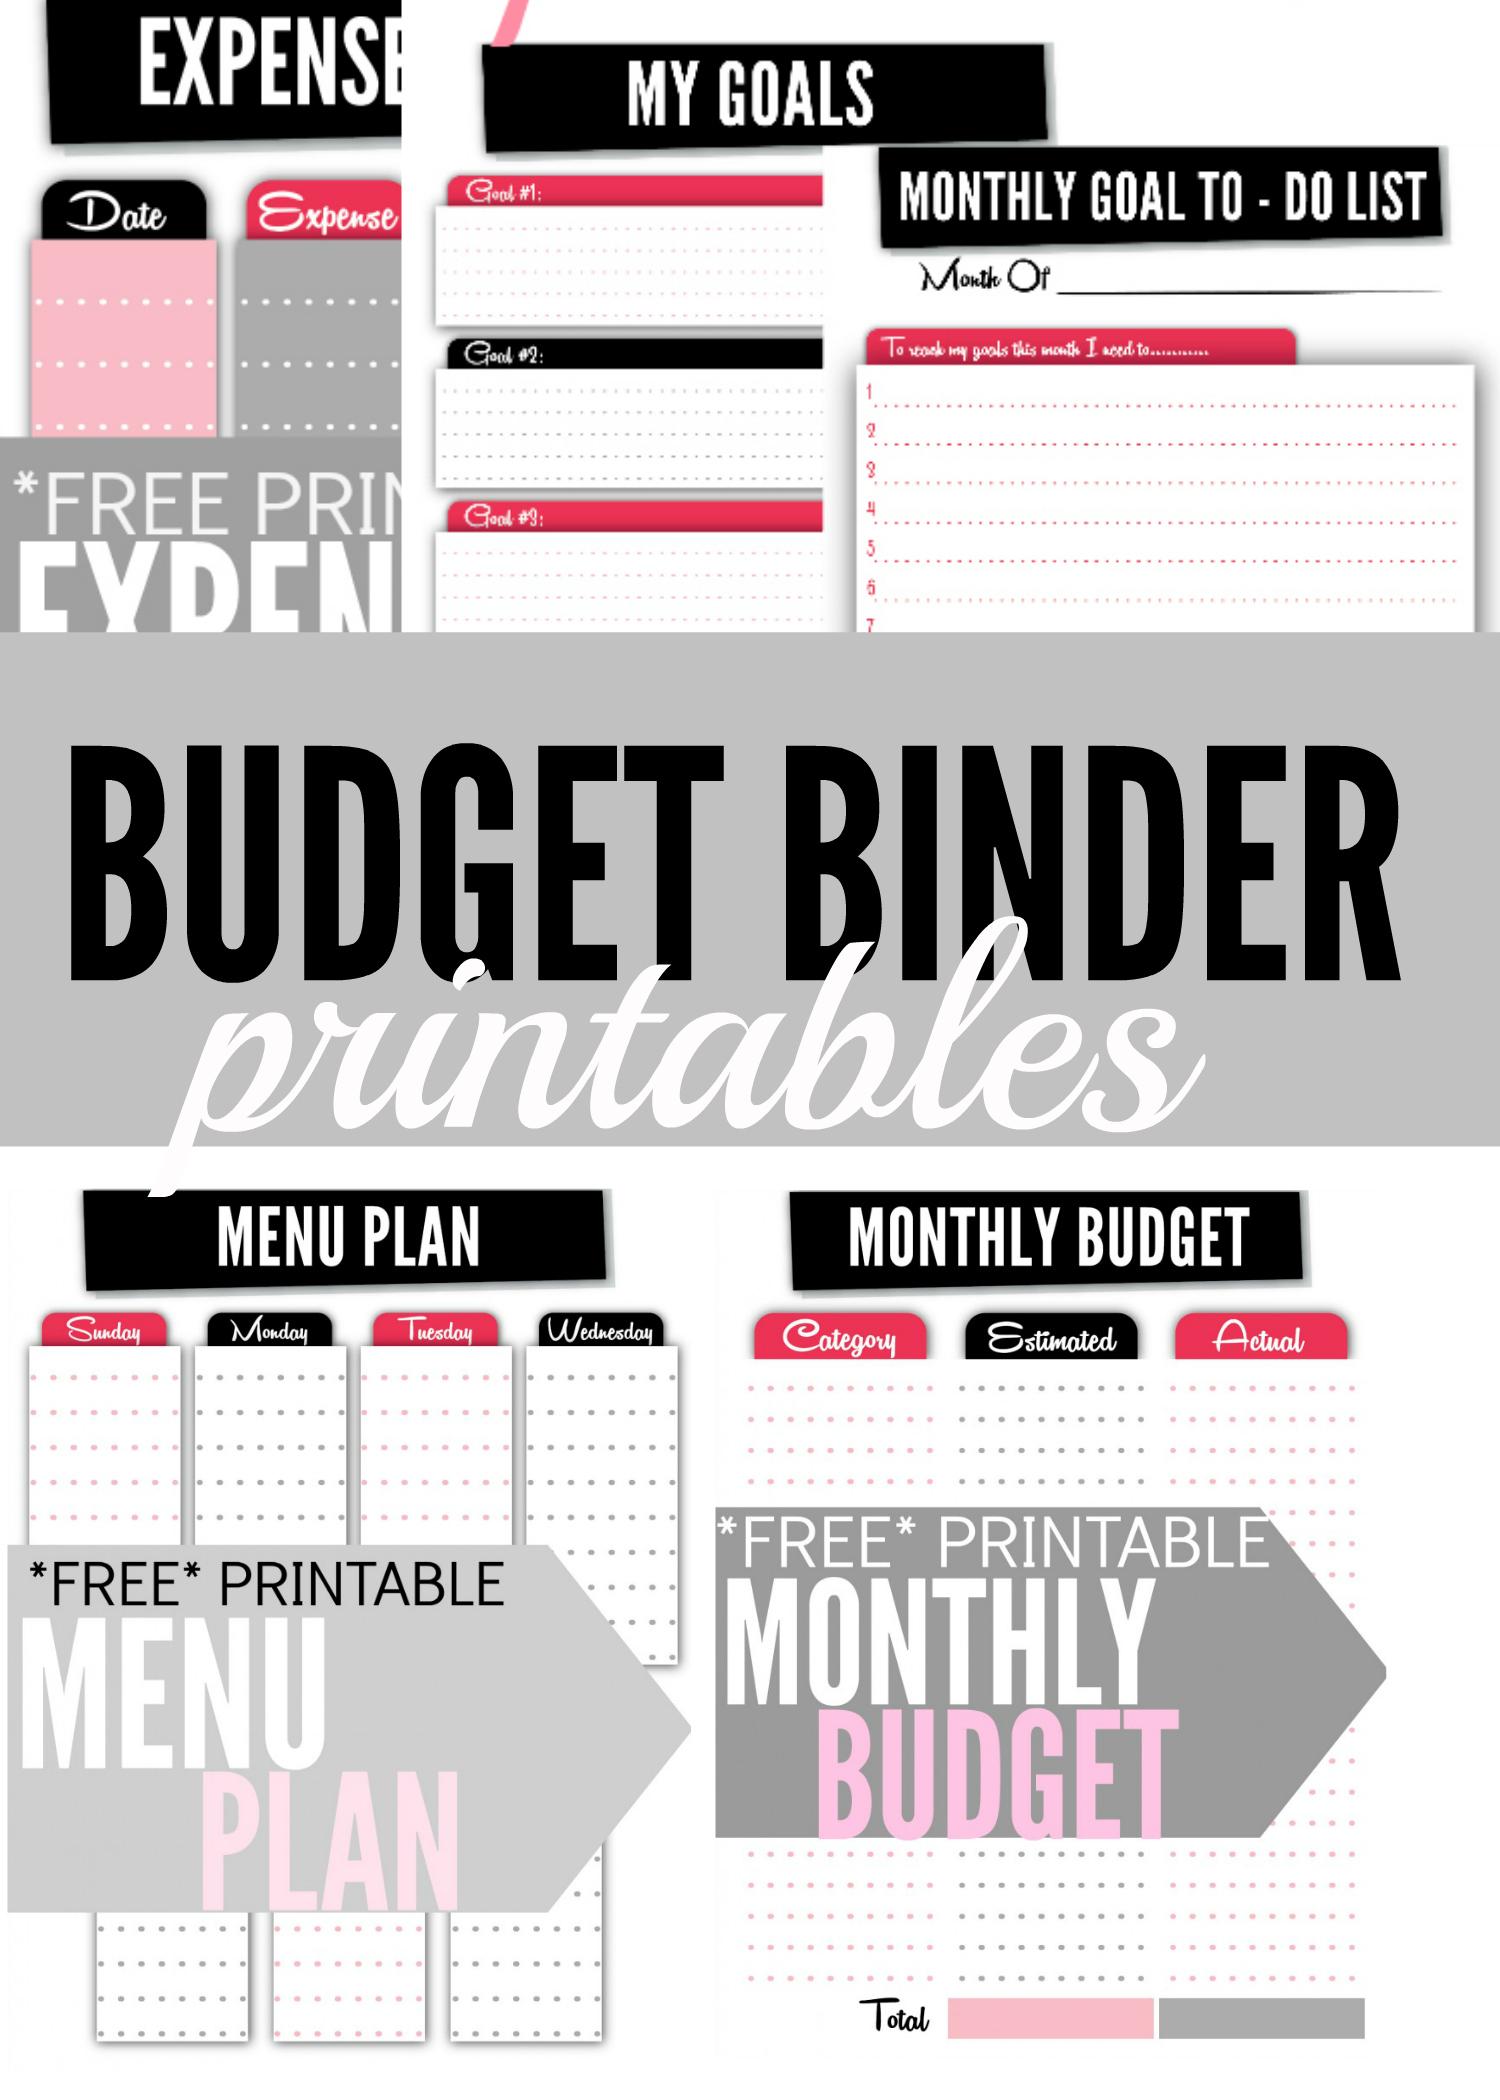 Budget Binder Printables - Single Moms Income - Free Printable Budget Binder Worksheets